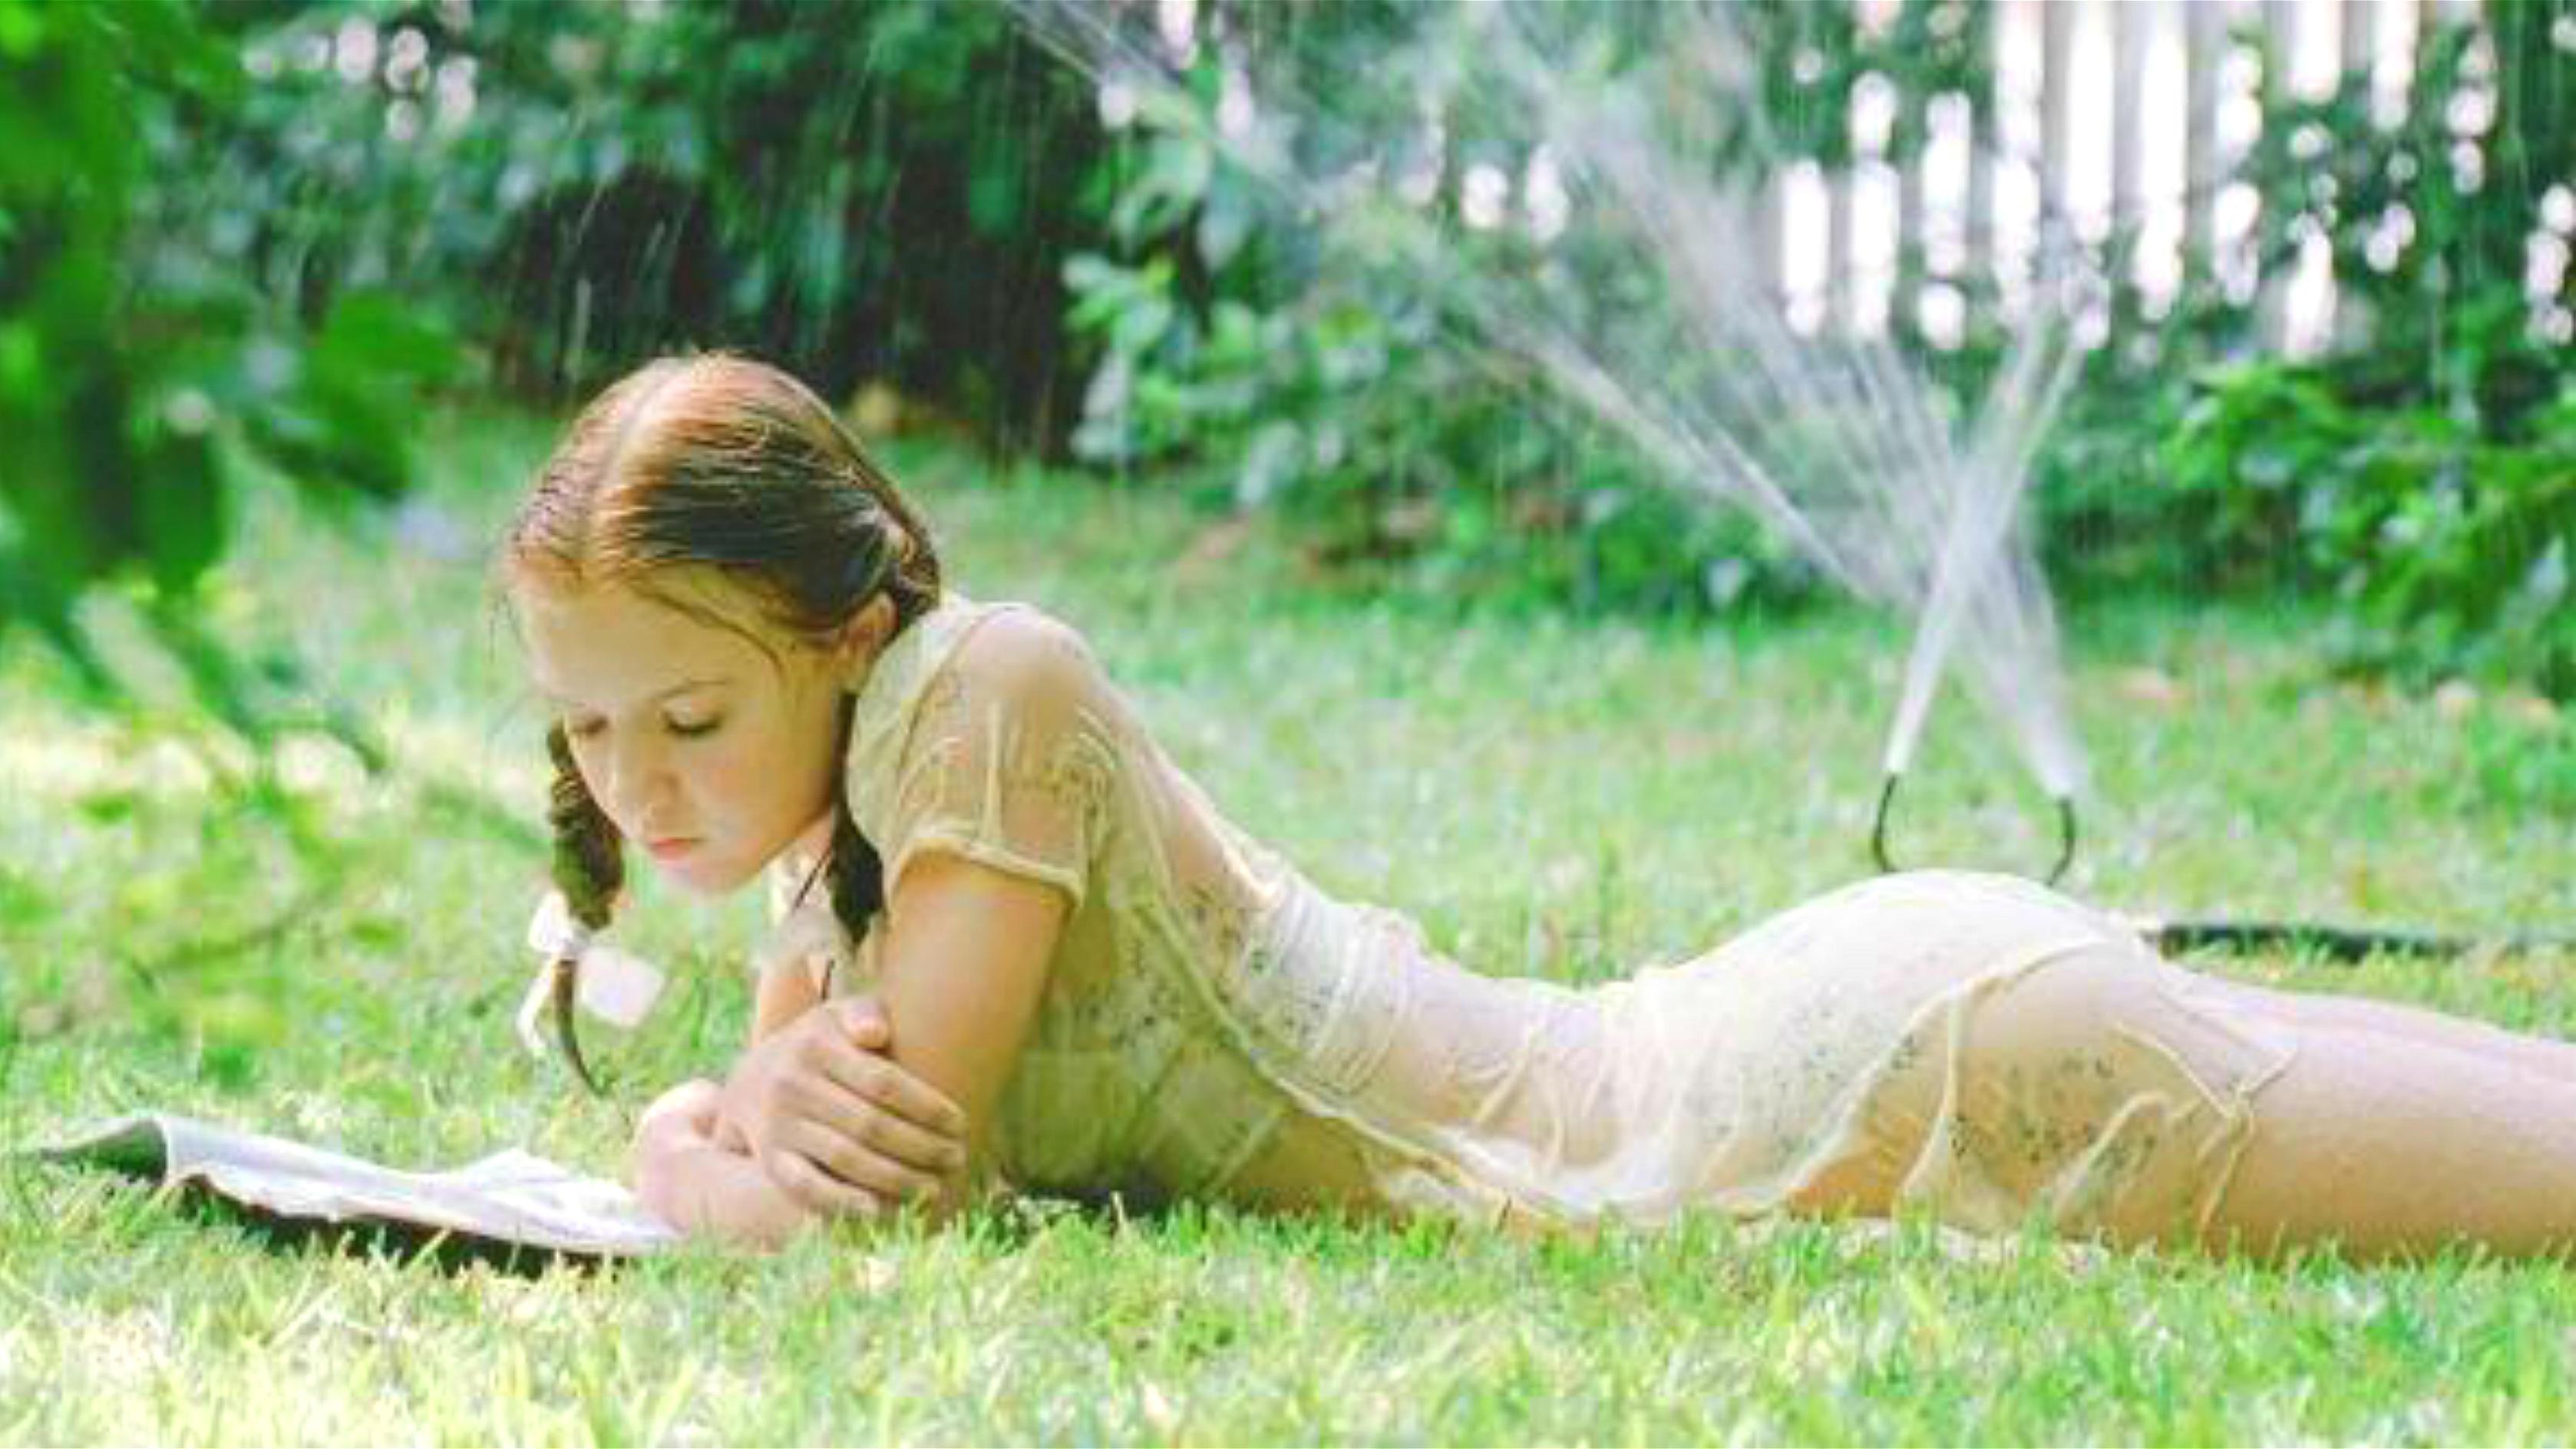 #经典看电影#难以置信,10岁的女孩竟然可以如此绝美艳丽!